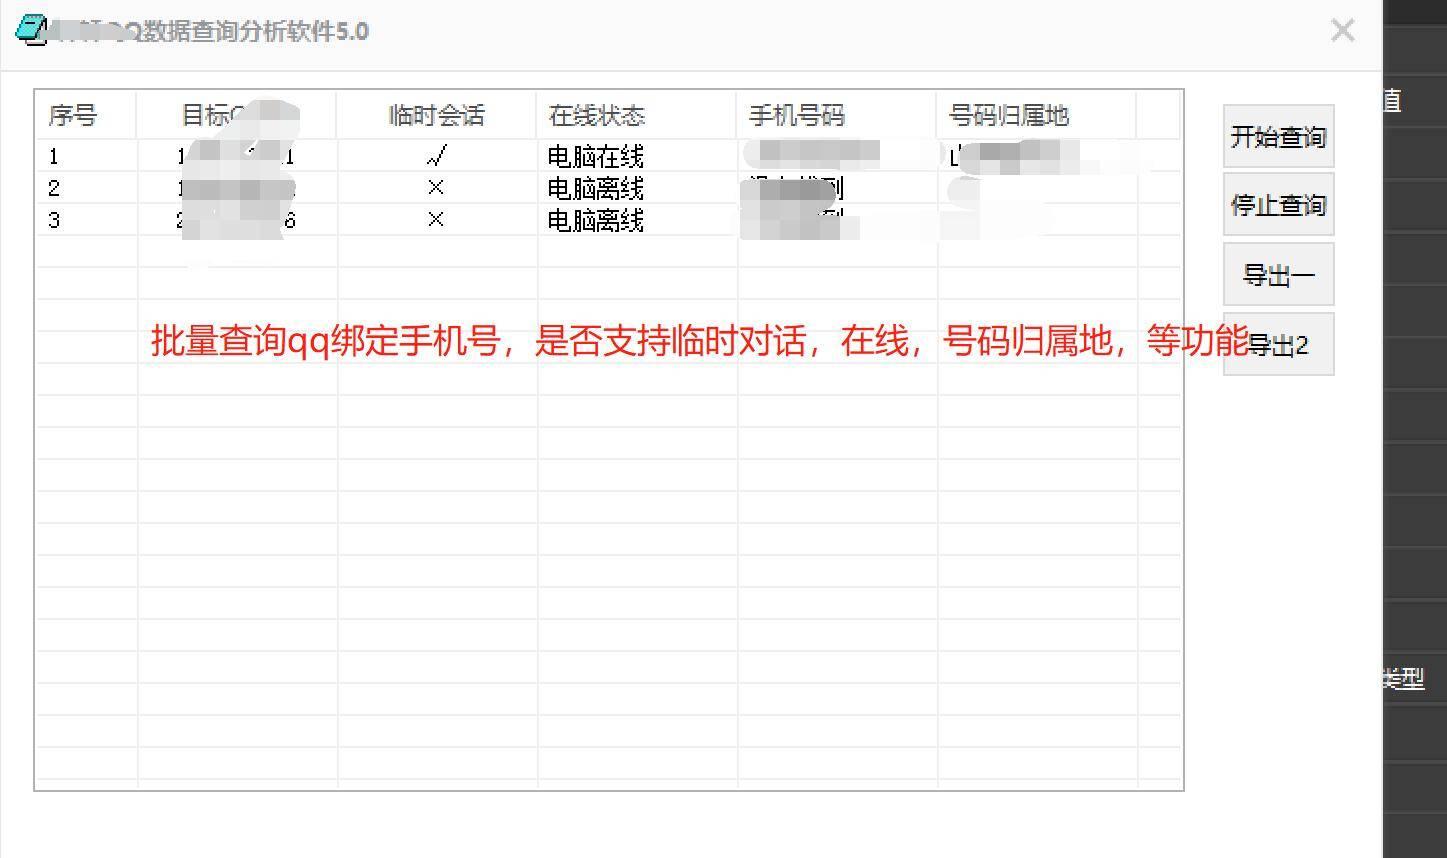 【QQ绑手机号查询月卡】批量查询QQ绑定手机号、是否支持临时对话、是否在线、号码归属地插图